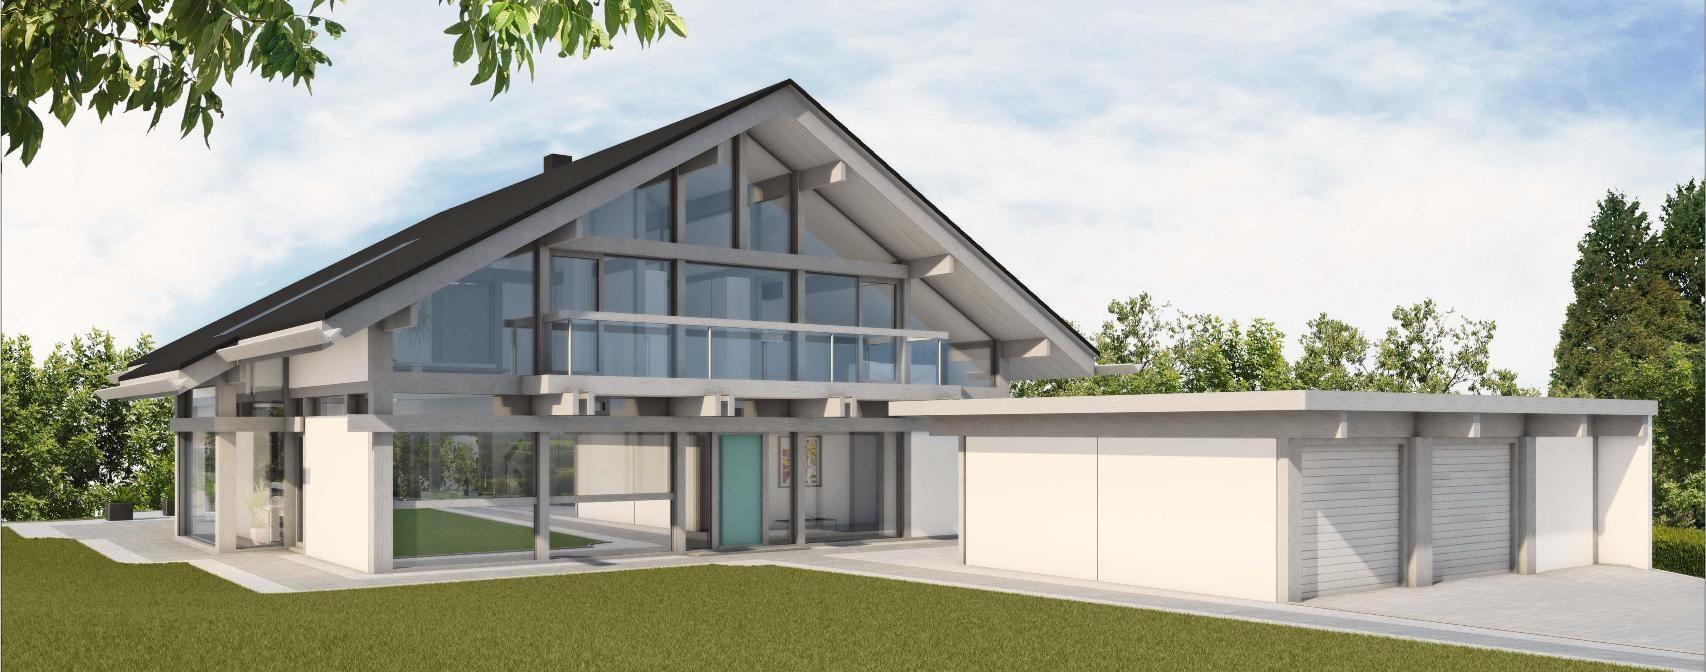 Huf Haus Köln huf 5 grundrisse huf haus kundenplanungen huf haus 3